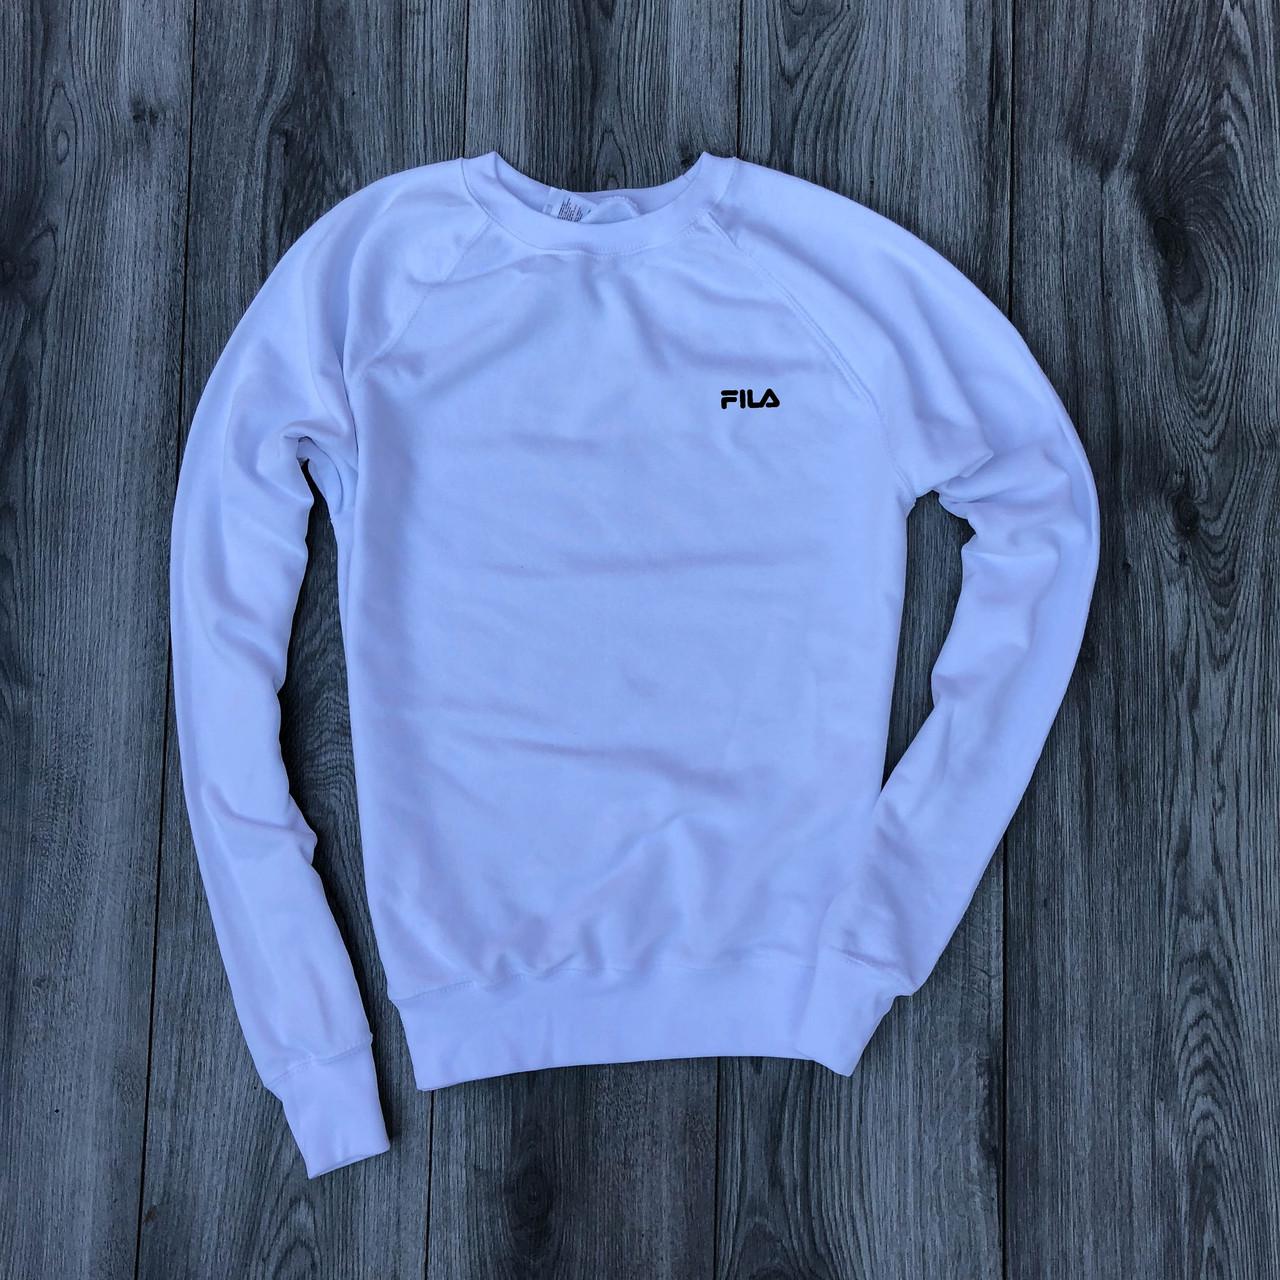 Мужская кофта - Свитшоты  в стиле Fila белый (утеплен)